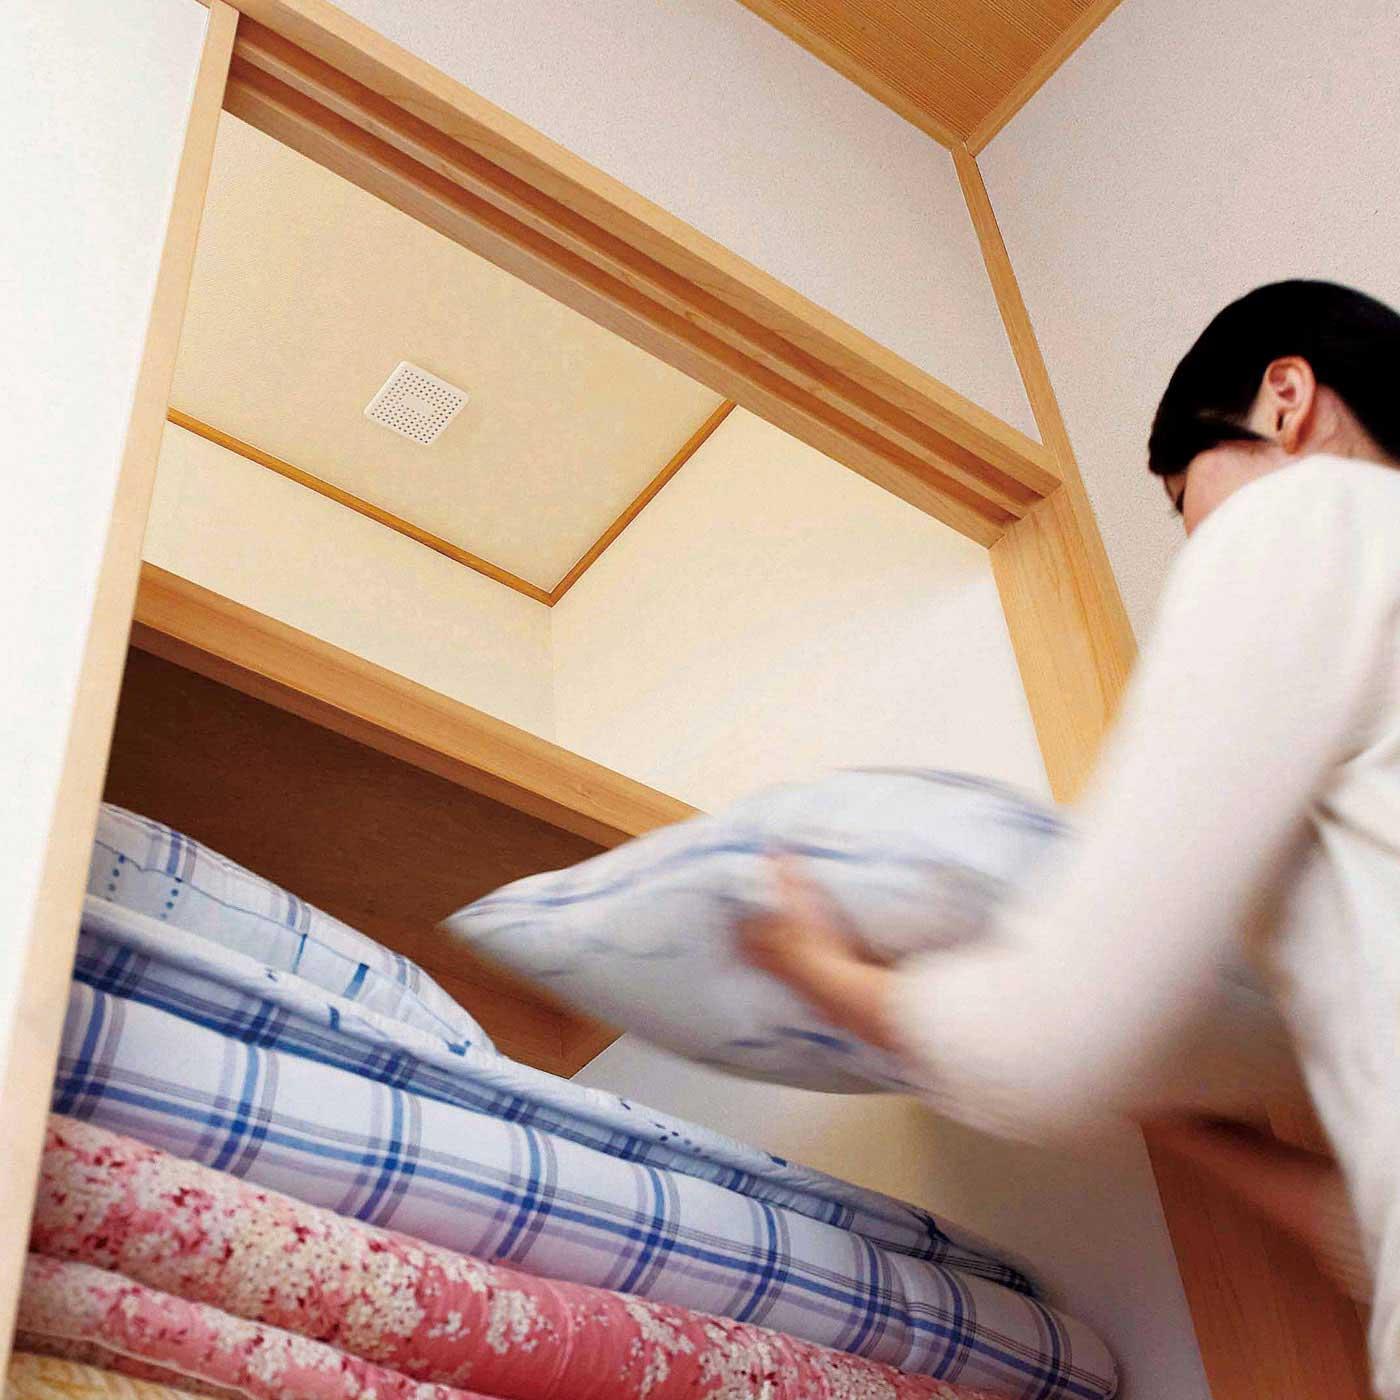 押し入れの天井に貼るだけでカビの発生を抑制。